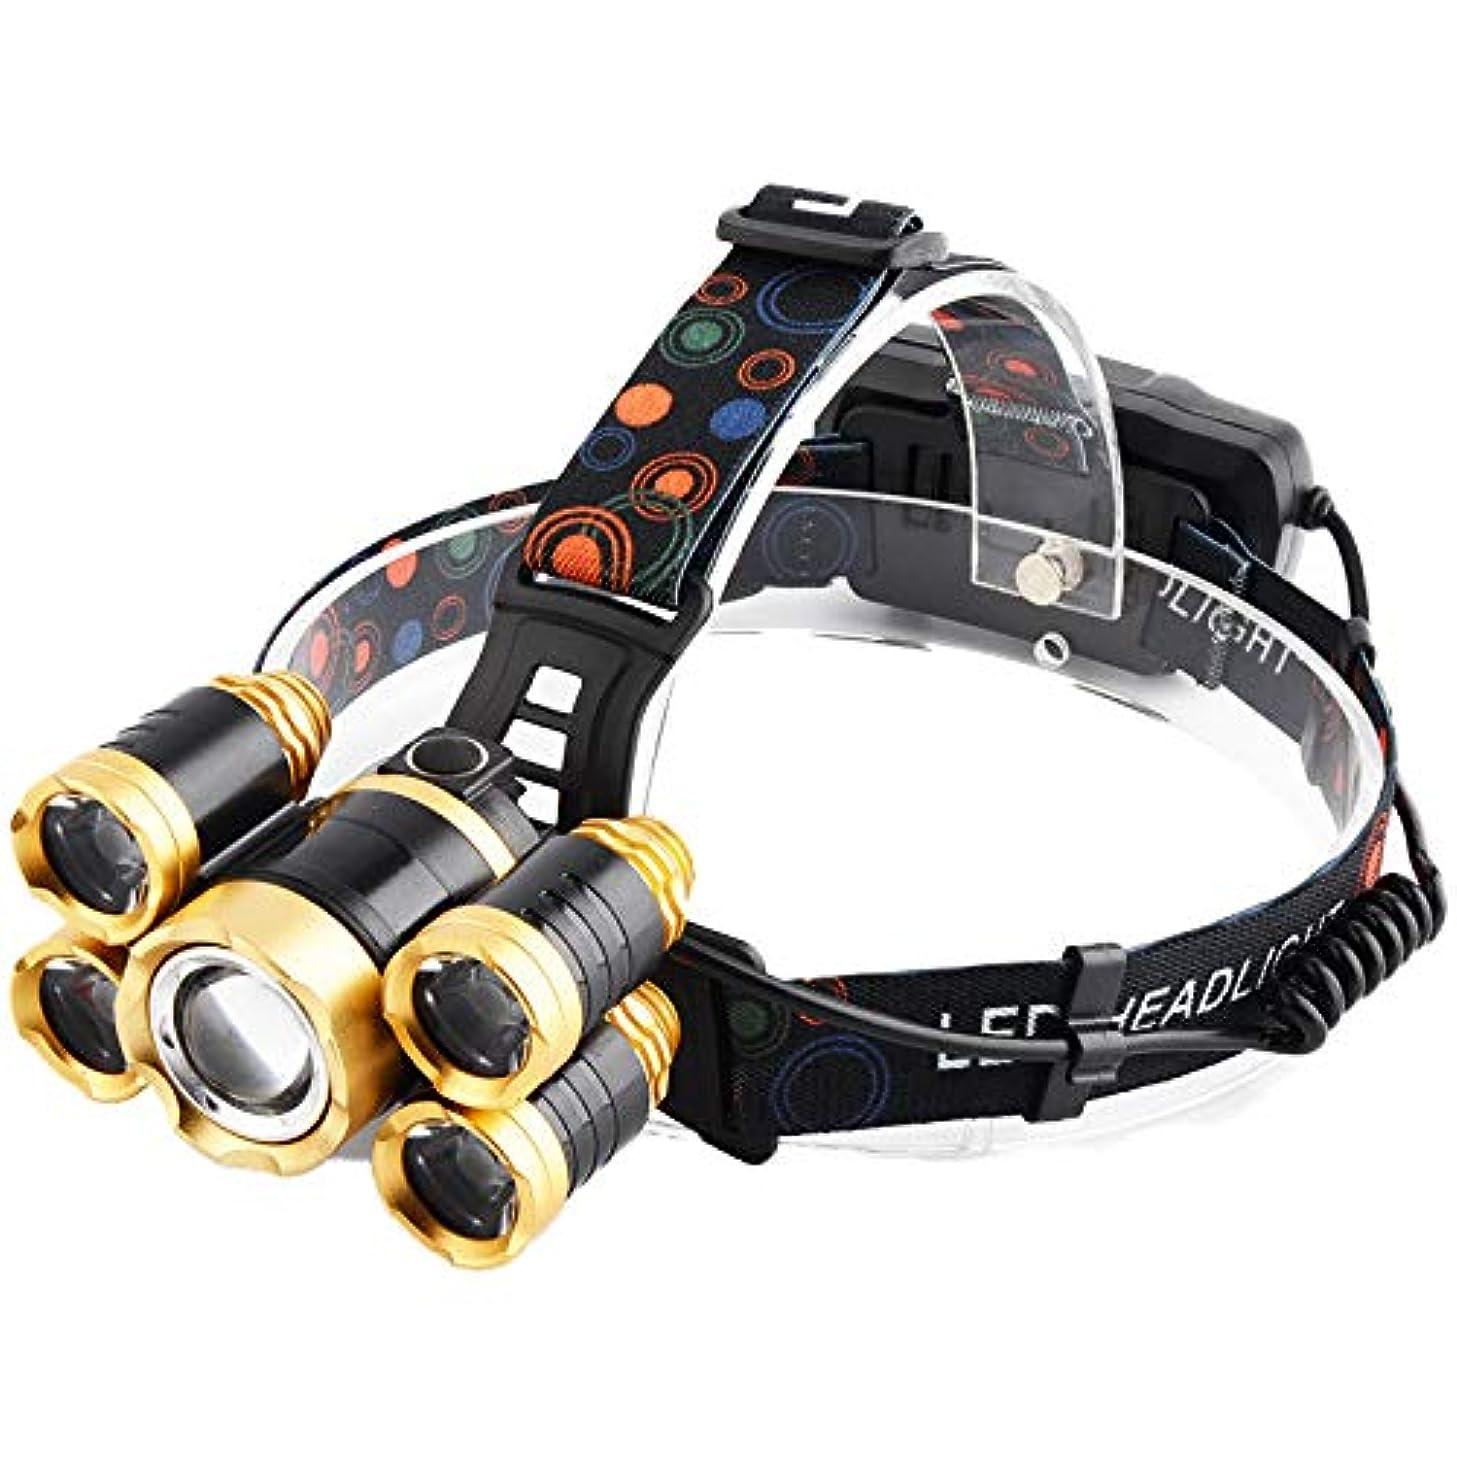 ジャンプアノイ交通LED ヘッドライト 超高輝度 5灯式 4段階の点灯モード 防災 釣り登山適用